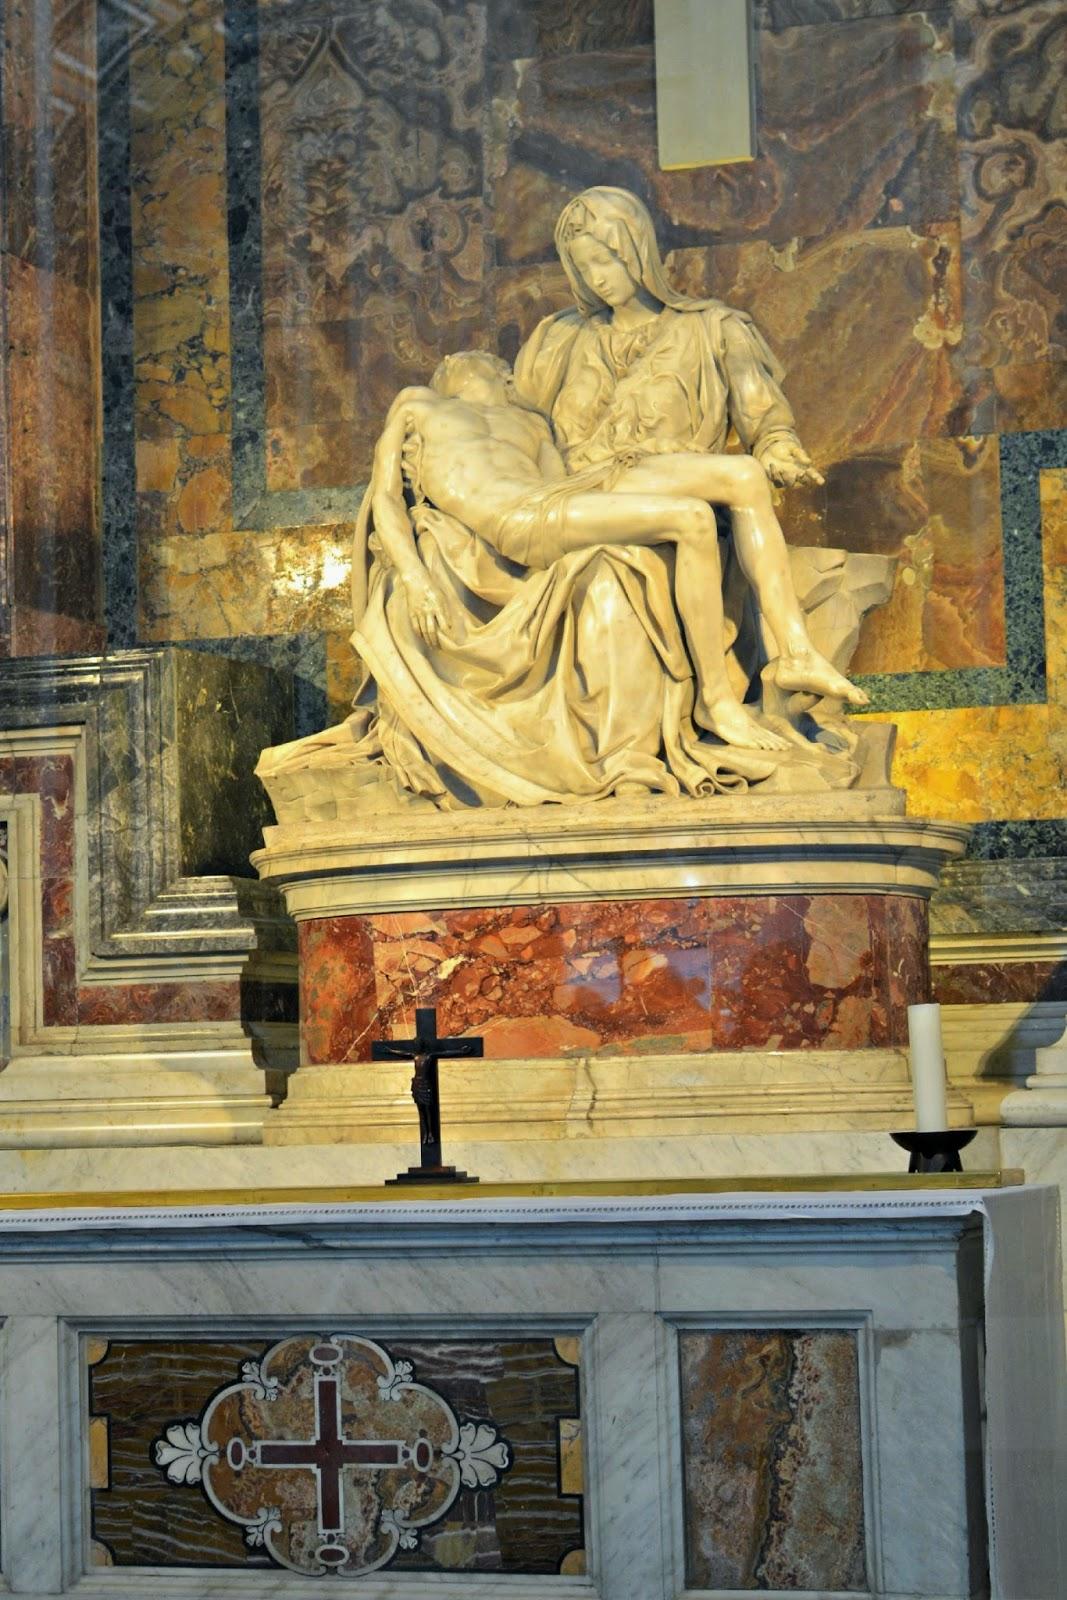 Michelangelo's Pieta st peter's basilica vatican city